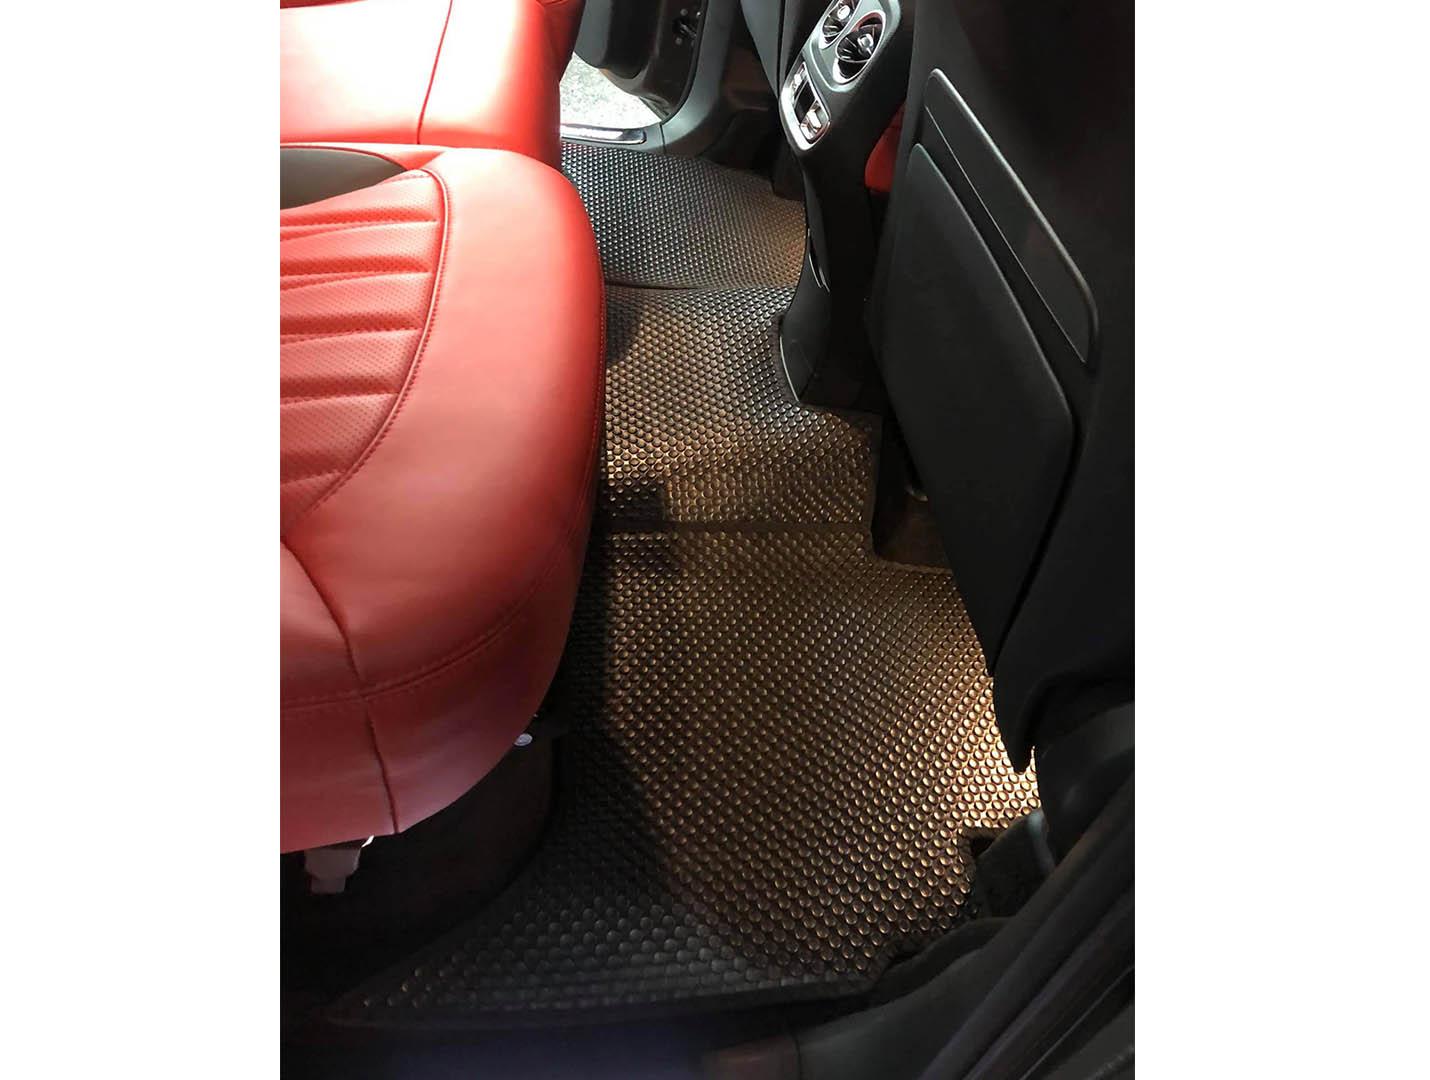 Thảm lót sàn Mercedes G63 AMG 2021